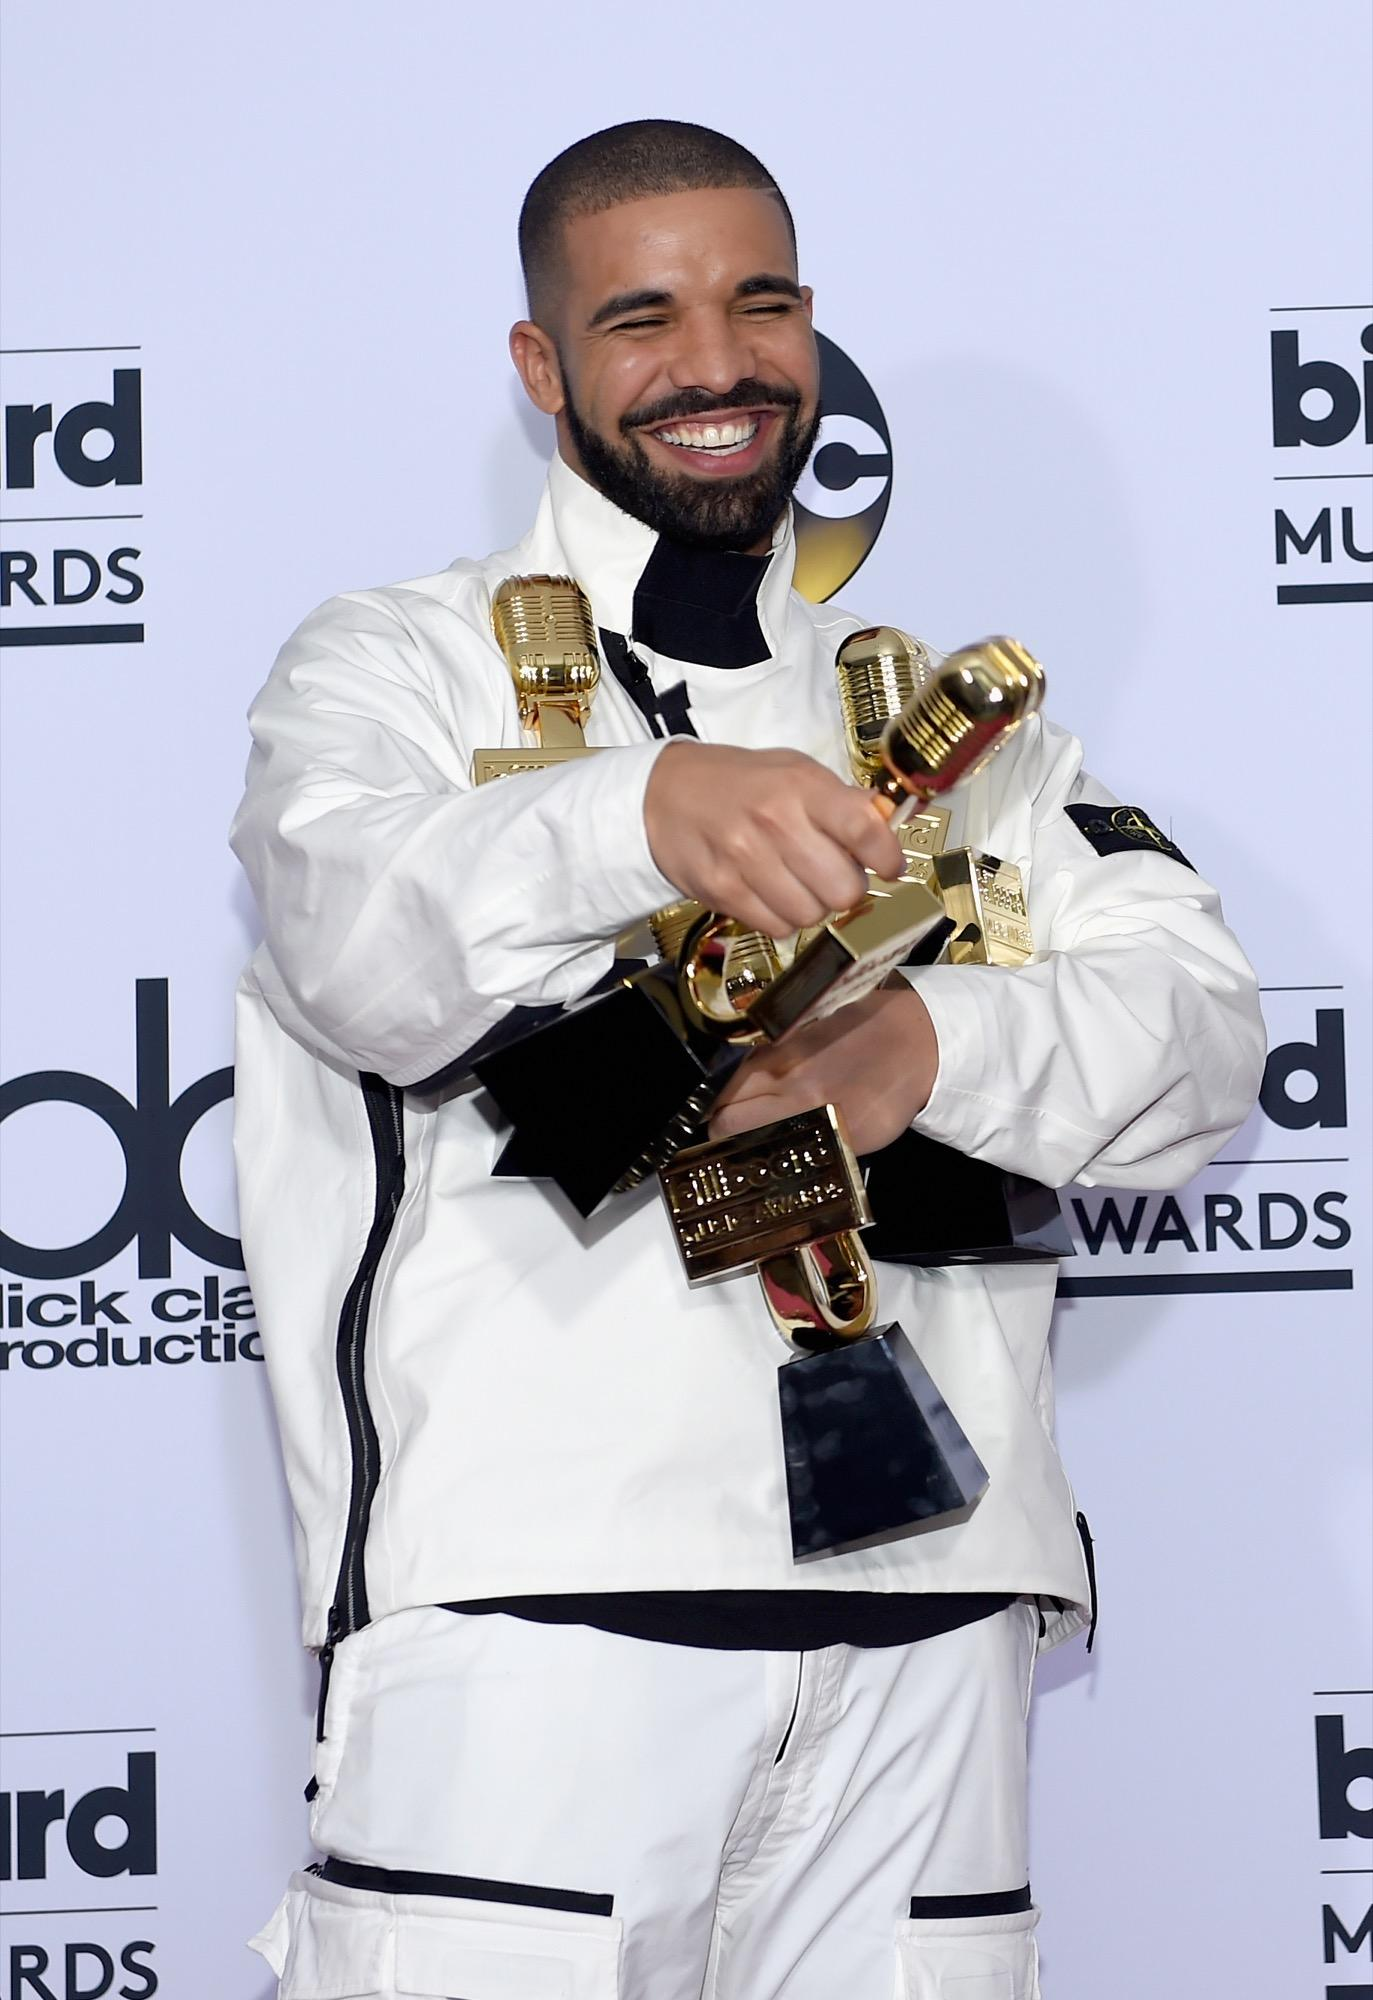 Er ist aus der Musikwelt gerade nicht wegzudenken. Kein Wunder also, dass Drakes Durchhaltevermögen fürstlich belohnt wird. Und 94 Millionen US-Dollar dürften doch Motivation genug sein, um noch ein bisschen weiterzumachen, oder?